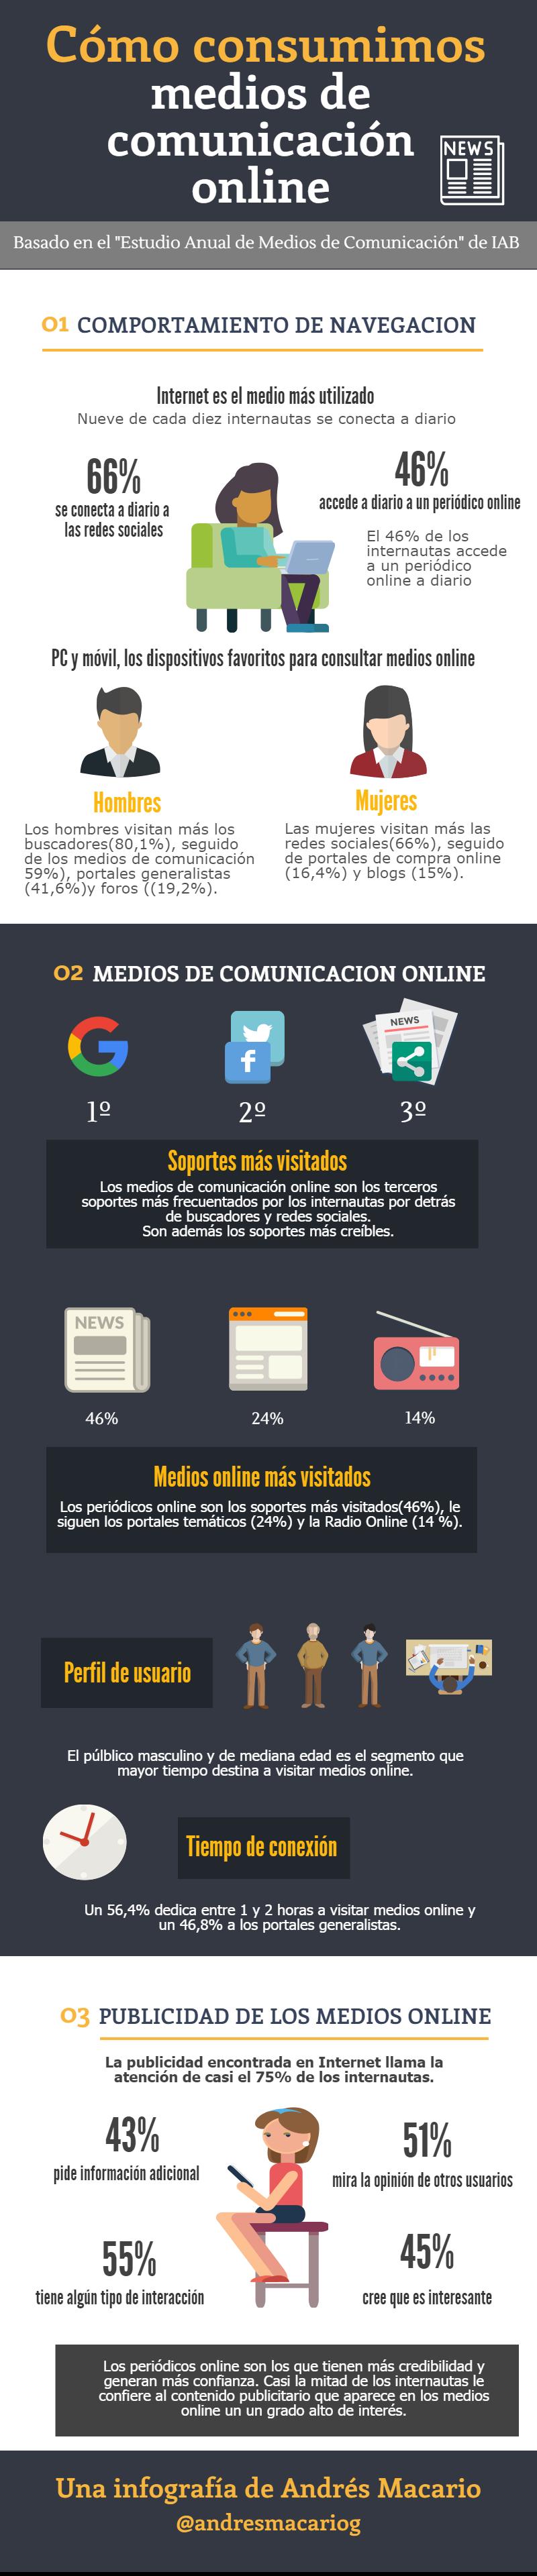 Como consumimos medios de comunicacion online Infografia Andres Macario